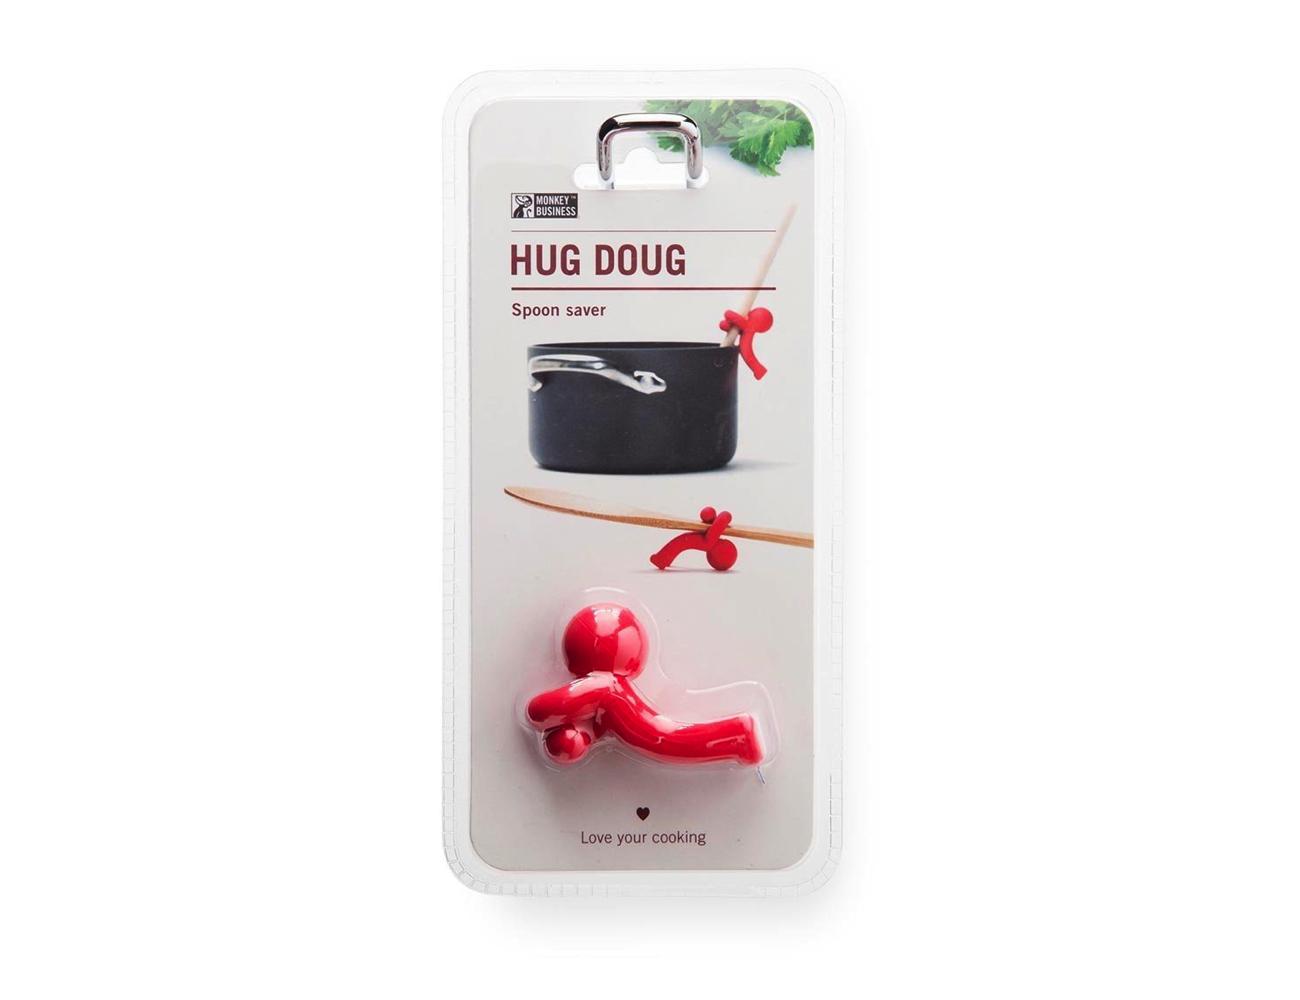 Hug Doug Silicone Spoon Saver